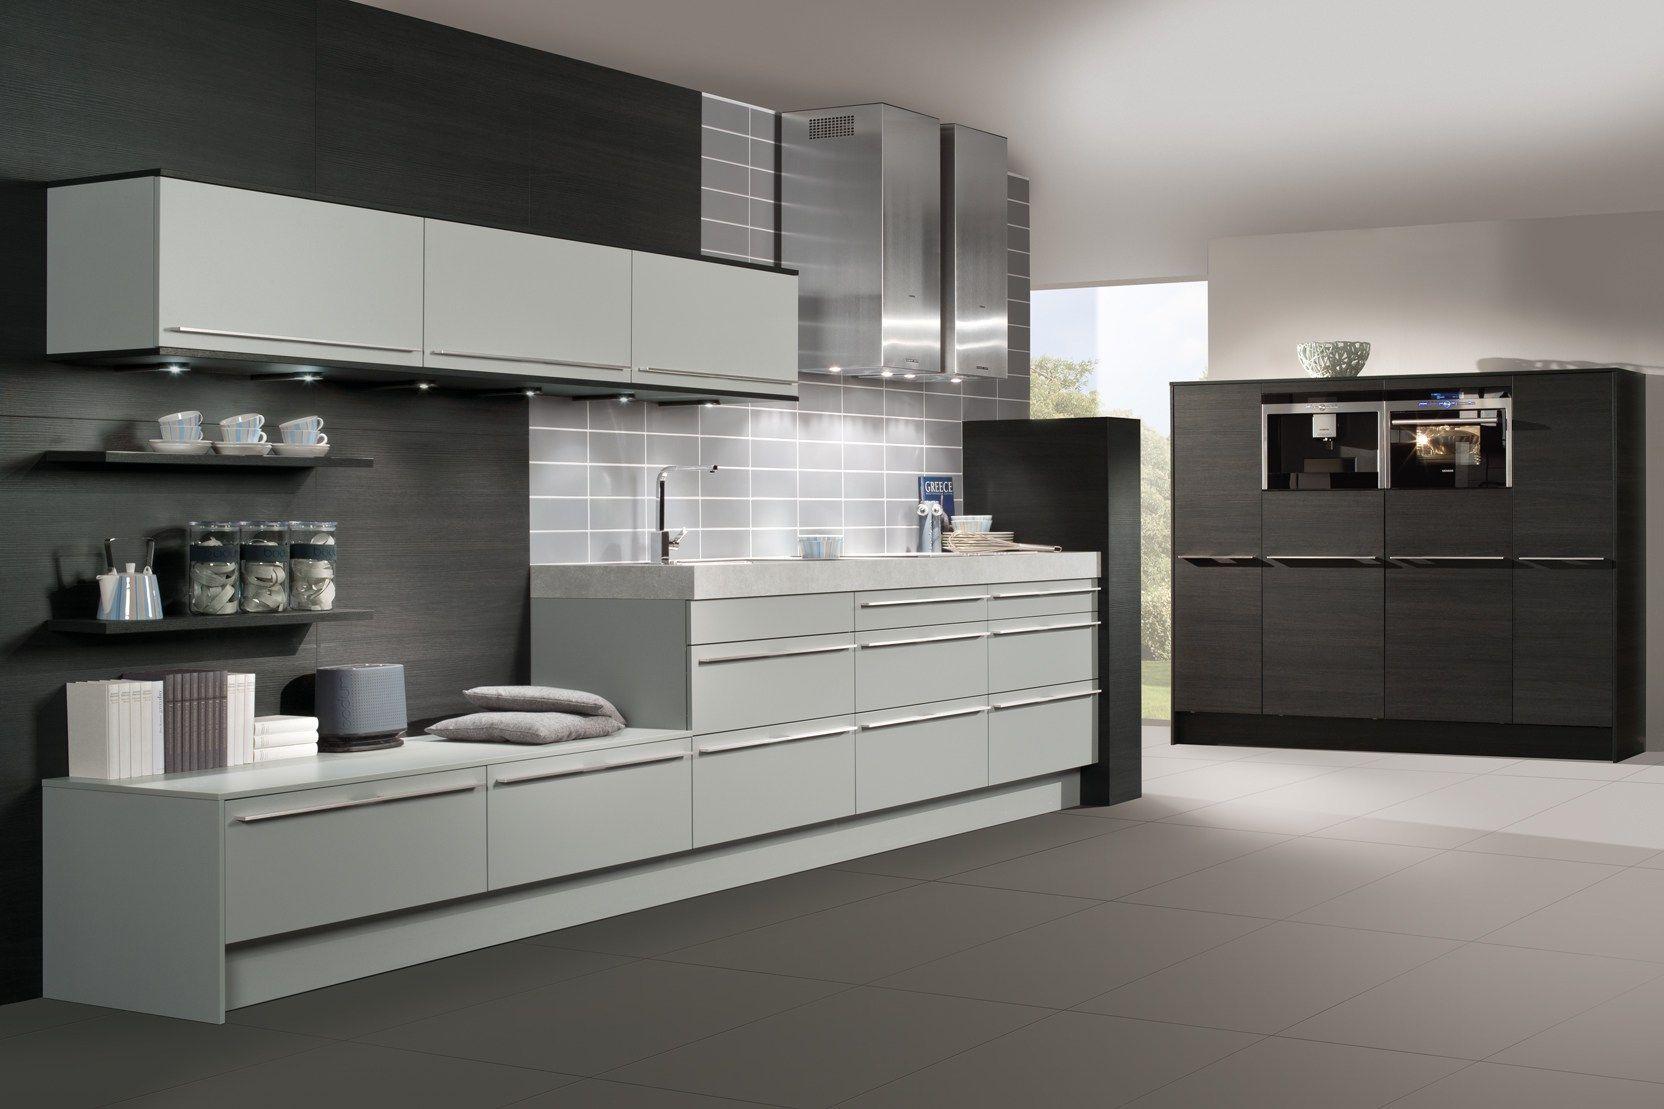 Home interior kitchen design cream kitchen cabinets black sleek grey